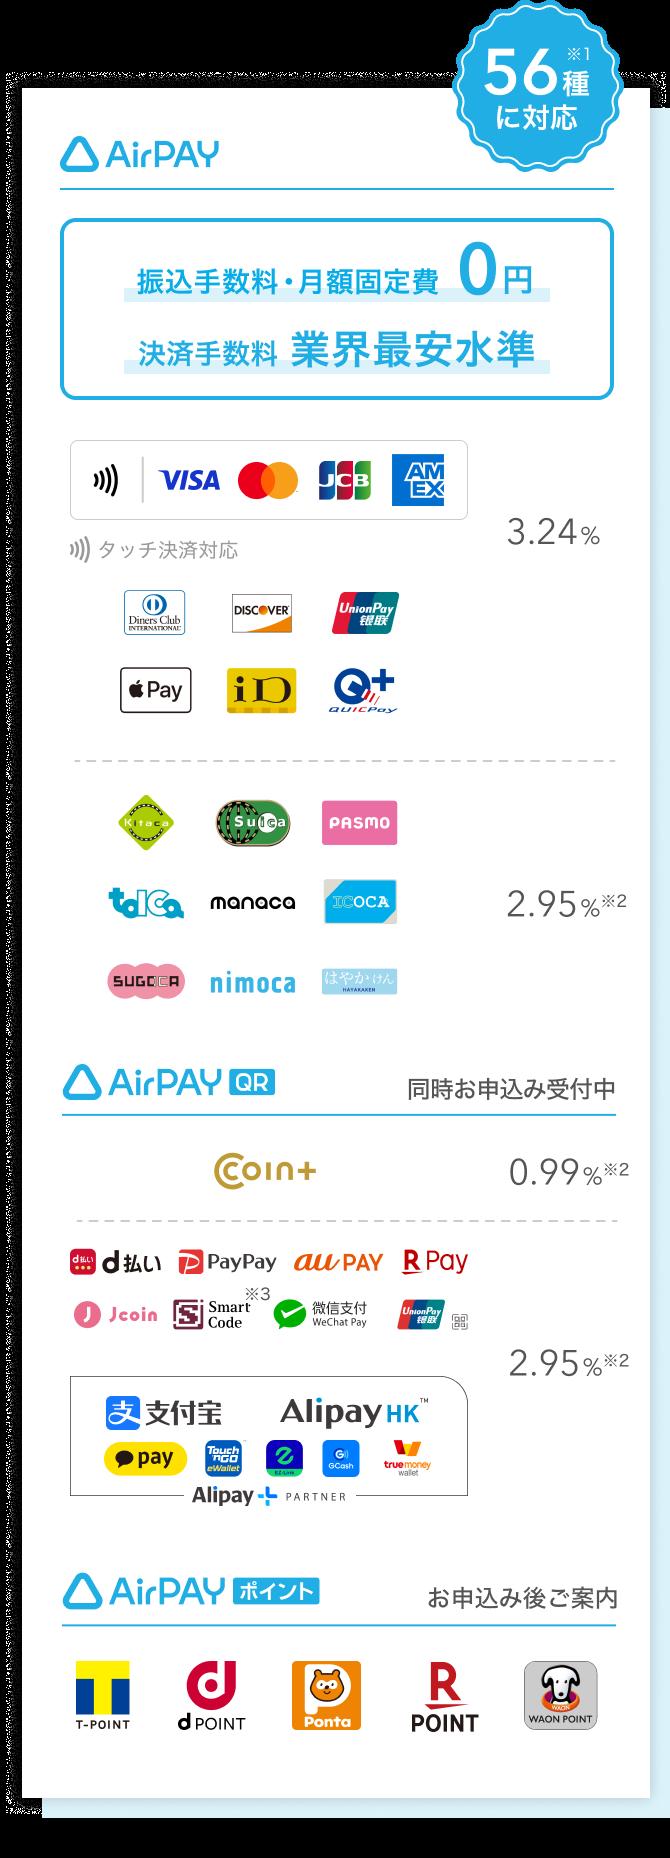 振込手数料,月額固定費0円 決済手数料,業界最安水準 VISA,Mastercard®,American Expressは3.24%、JCB,Diners Club,Discoverは3.74% 交通系電子マネーは3.24% Apple Pay,iD,Quic Payは3.74% Airペイ QR 同時申込み受付中 Alipay WeChatPay LinePay d払い 3.24% Airペイ ポイント 申込み後ご案内 T-ポイント Ponta WAON ※お申込み後のご案内となります。